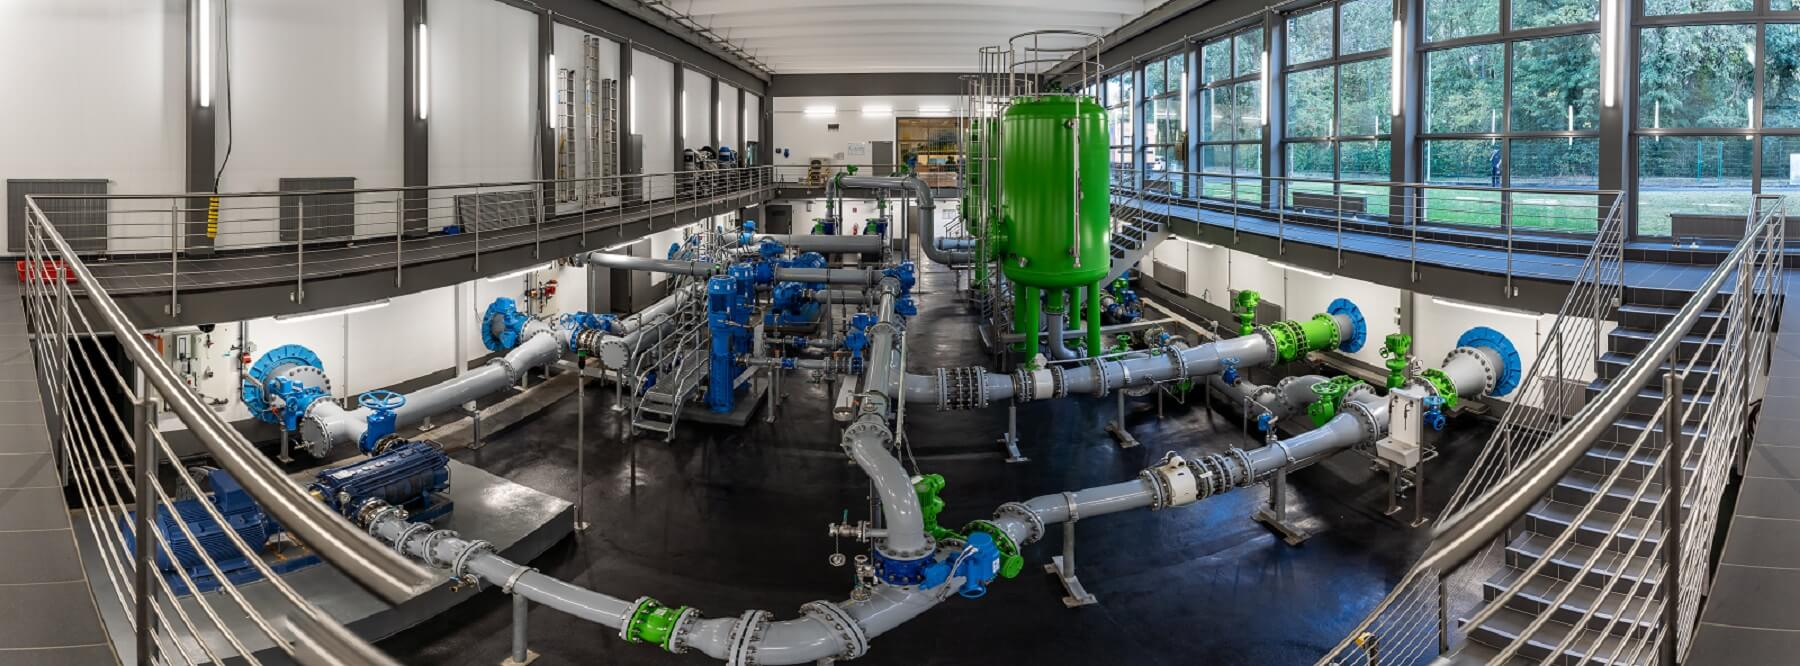 Wasserwerk Baumberg - Pumpenhalle